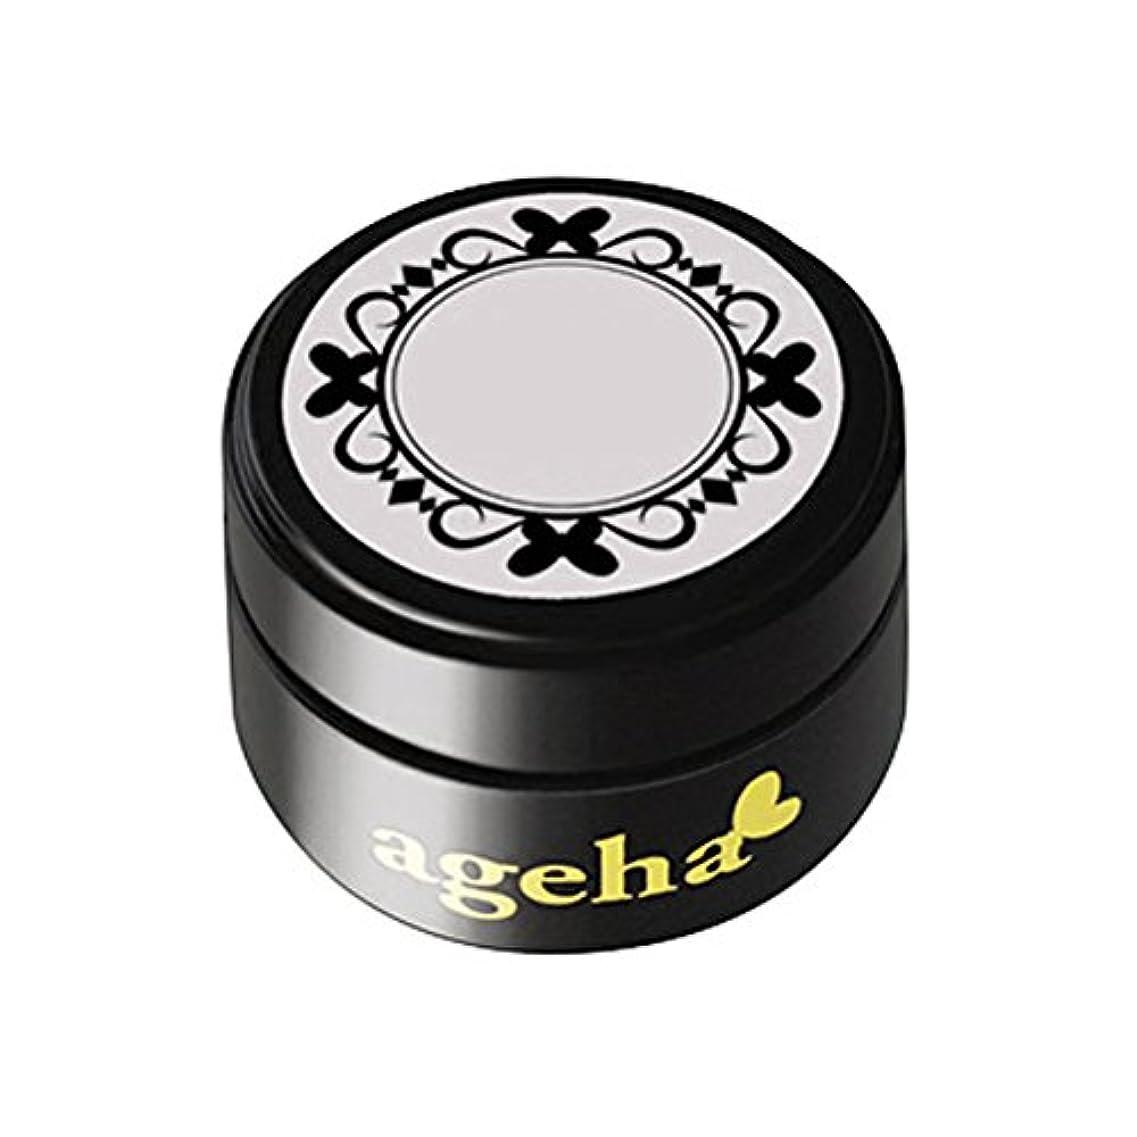 ヒギンズ一部ハリウッドageha gel カラージェル コスメカラー 317 ロージーグレーA 2.7g UV/LED対応